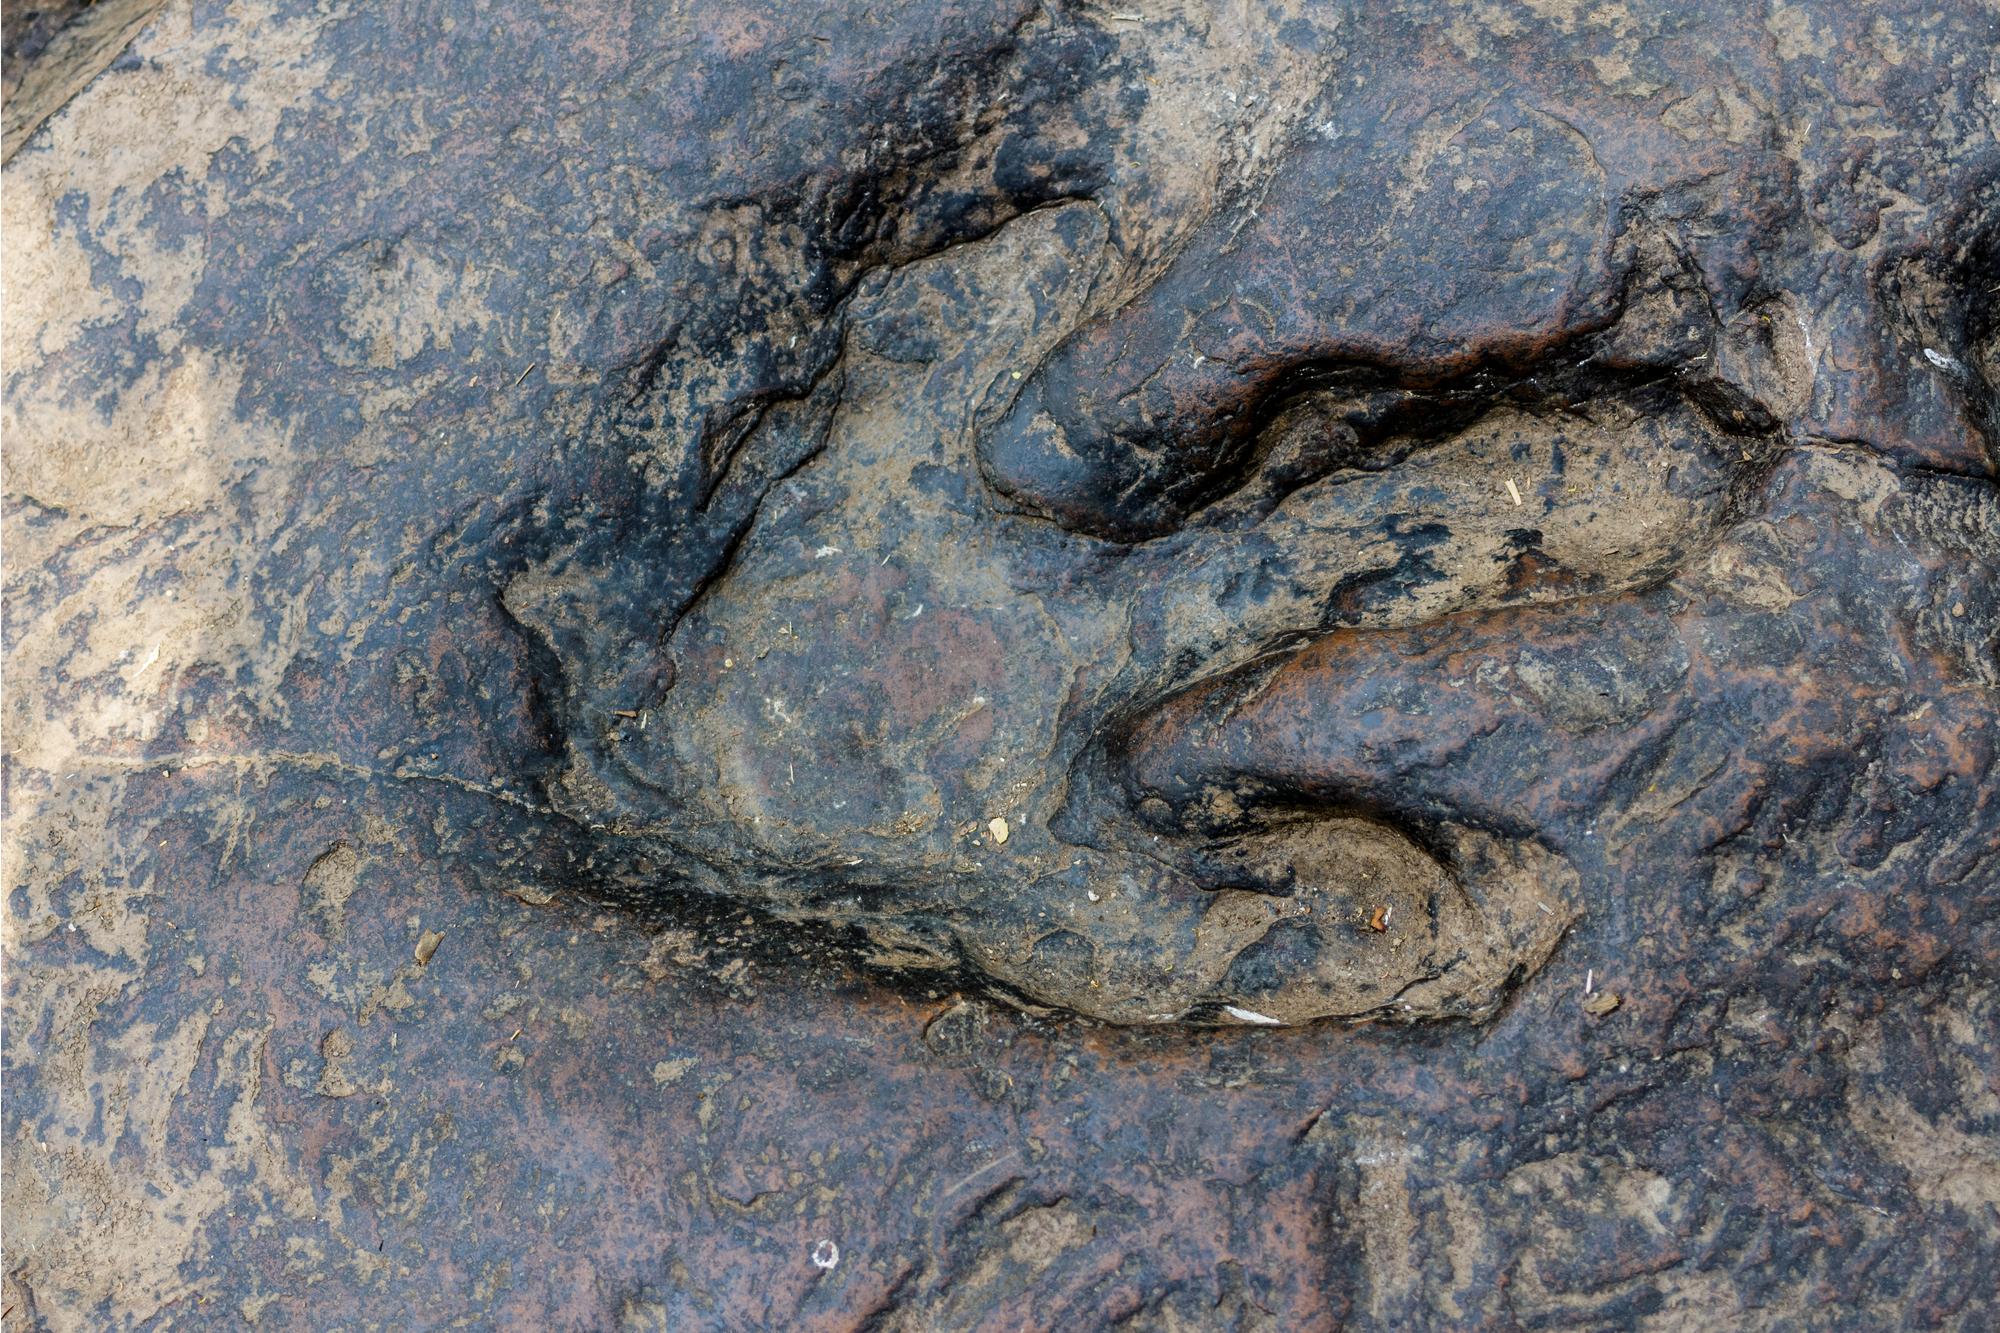 Real dinosaur footprint